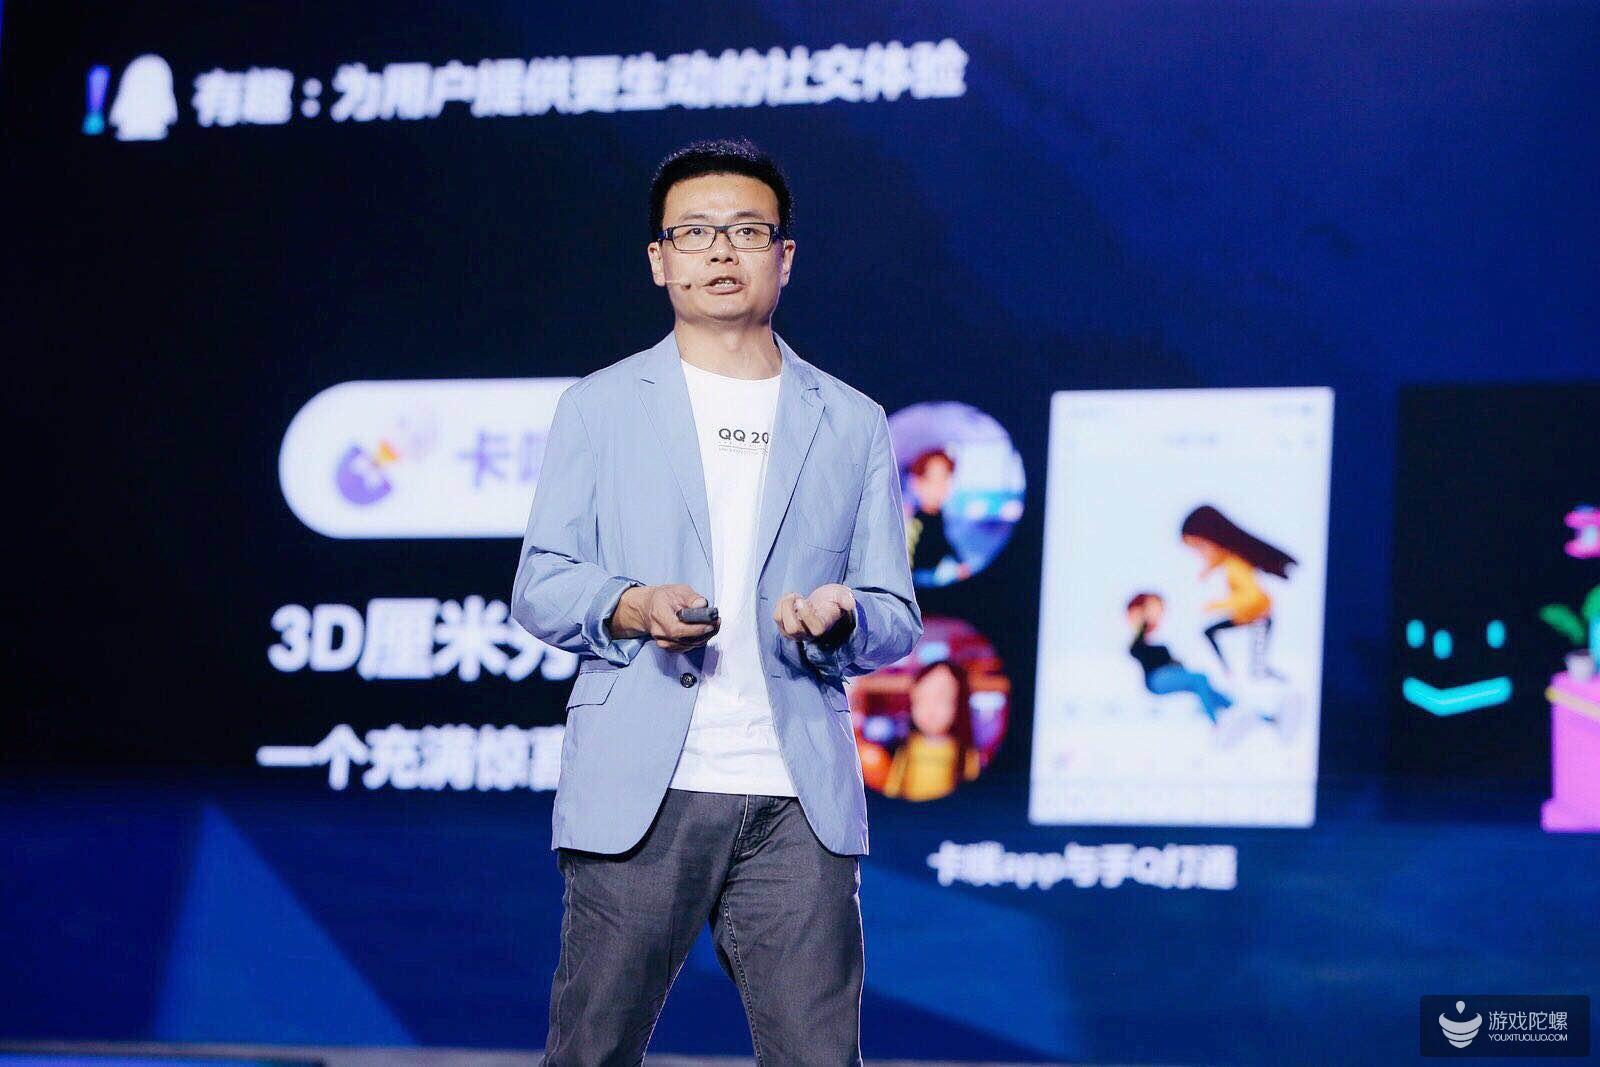 腾讯副总裁梁柱:下半年推出QQ小游戏中心 精品小游戏将获中心化流量及返利扶持